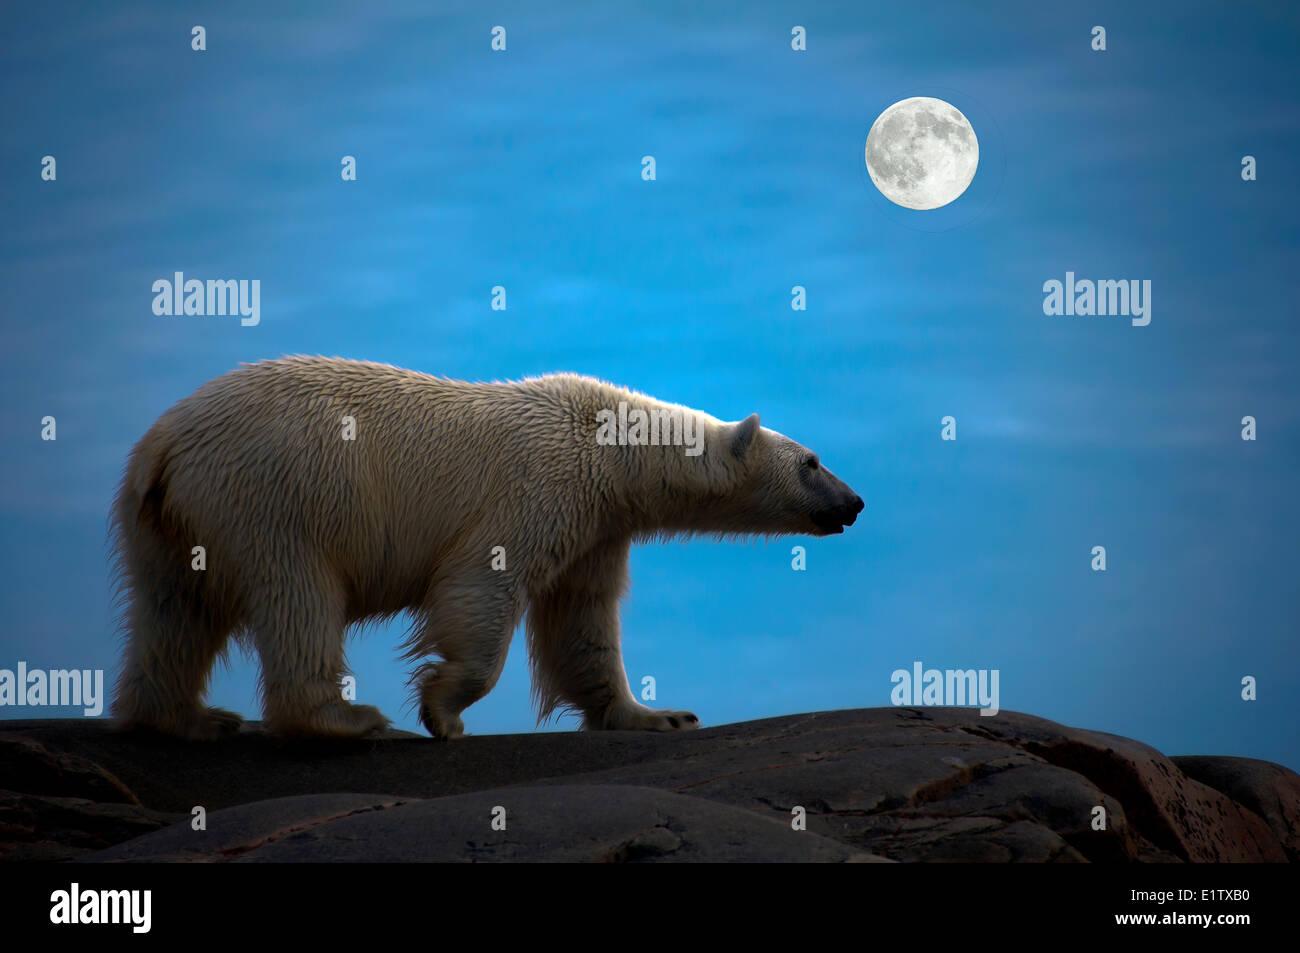 Los países sin litoral el oso polar (Ursus maritimus), el archipiélago de Svalbard, ártico noruego Imagen De Stock